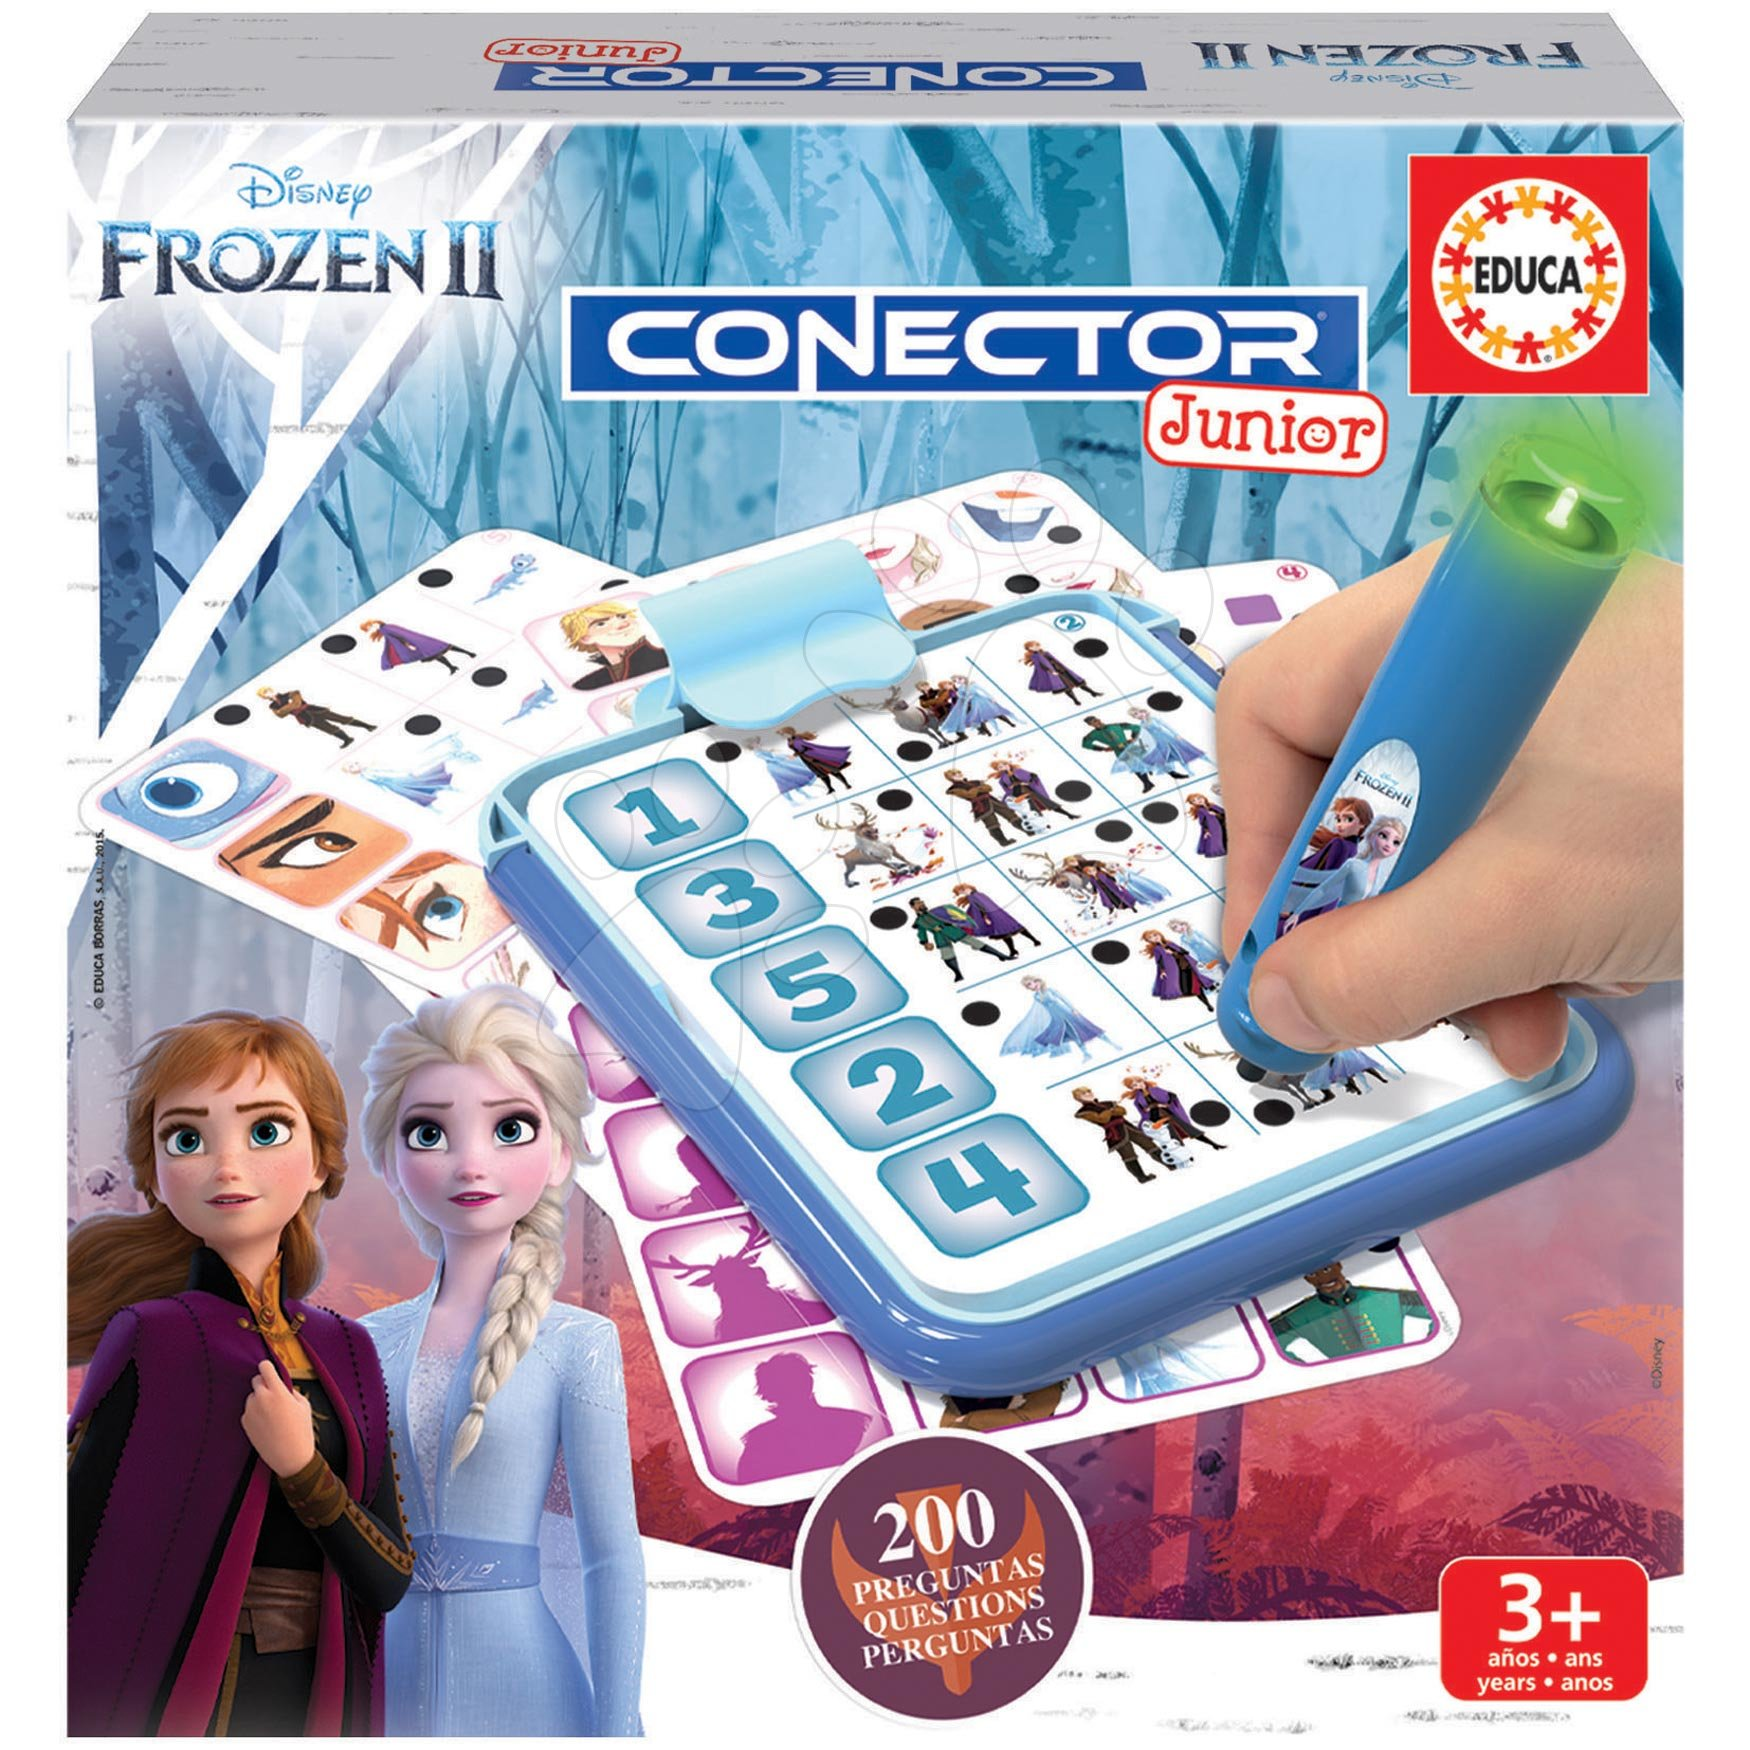 Detská spoločenská hra Disney Frozen 2 Disney Conector junior 40 kariet a 200 otázok a inteligentné pero